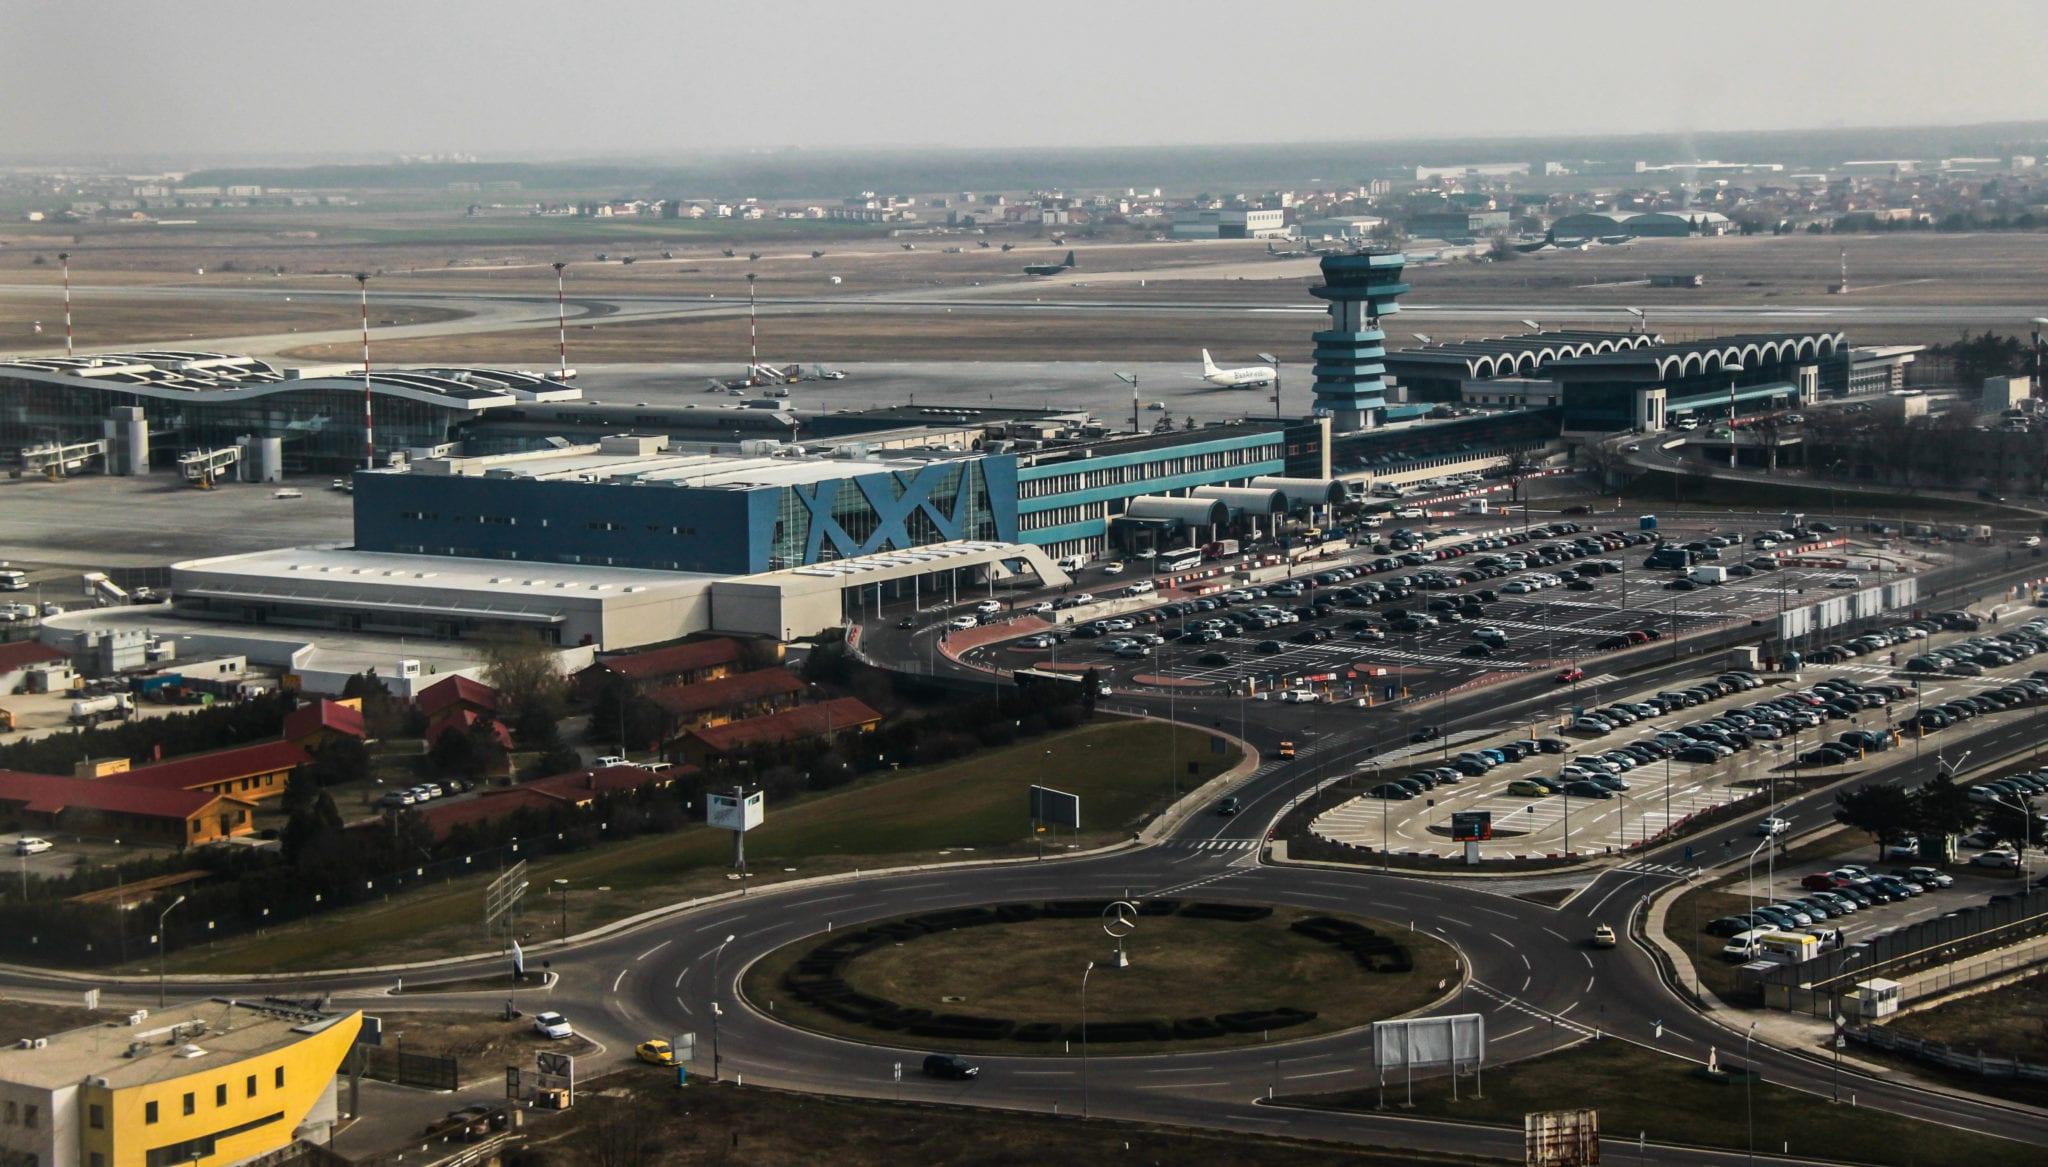 Henri Coandă International Airport March 2013 - Lucrările la noul terminal din Aeroportul Henri Coandă, programate pentru 2020